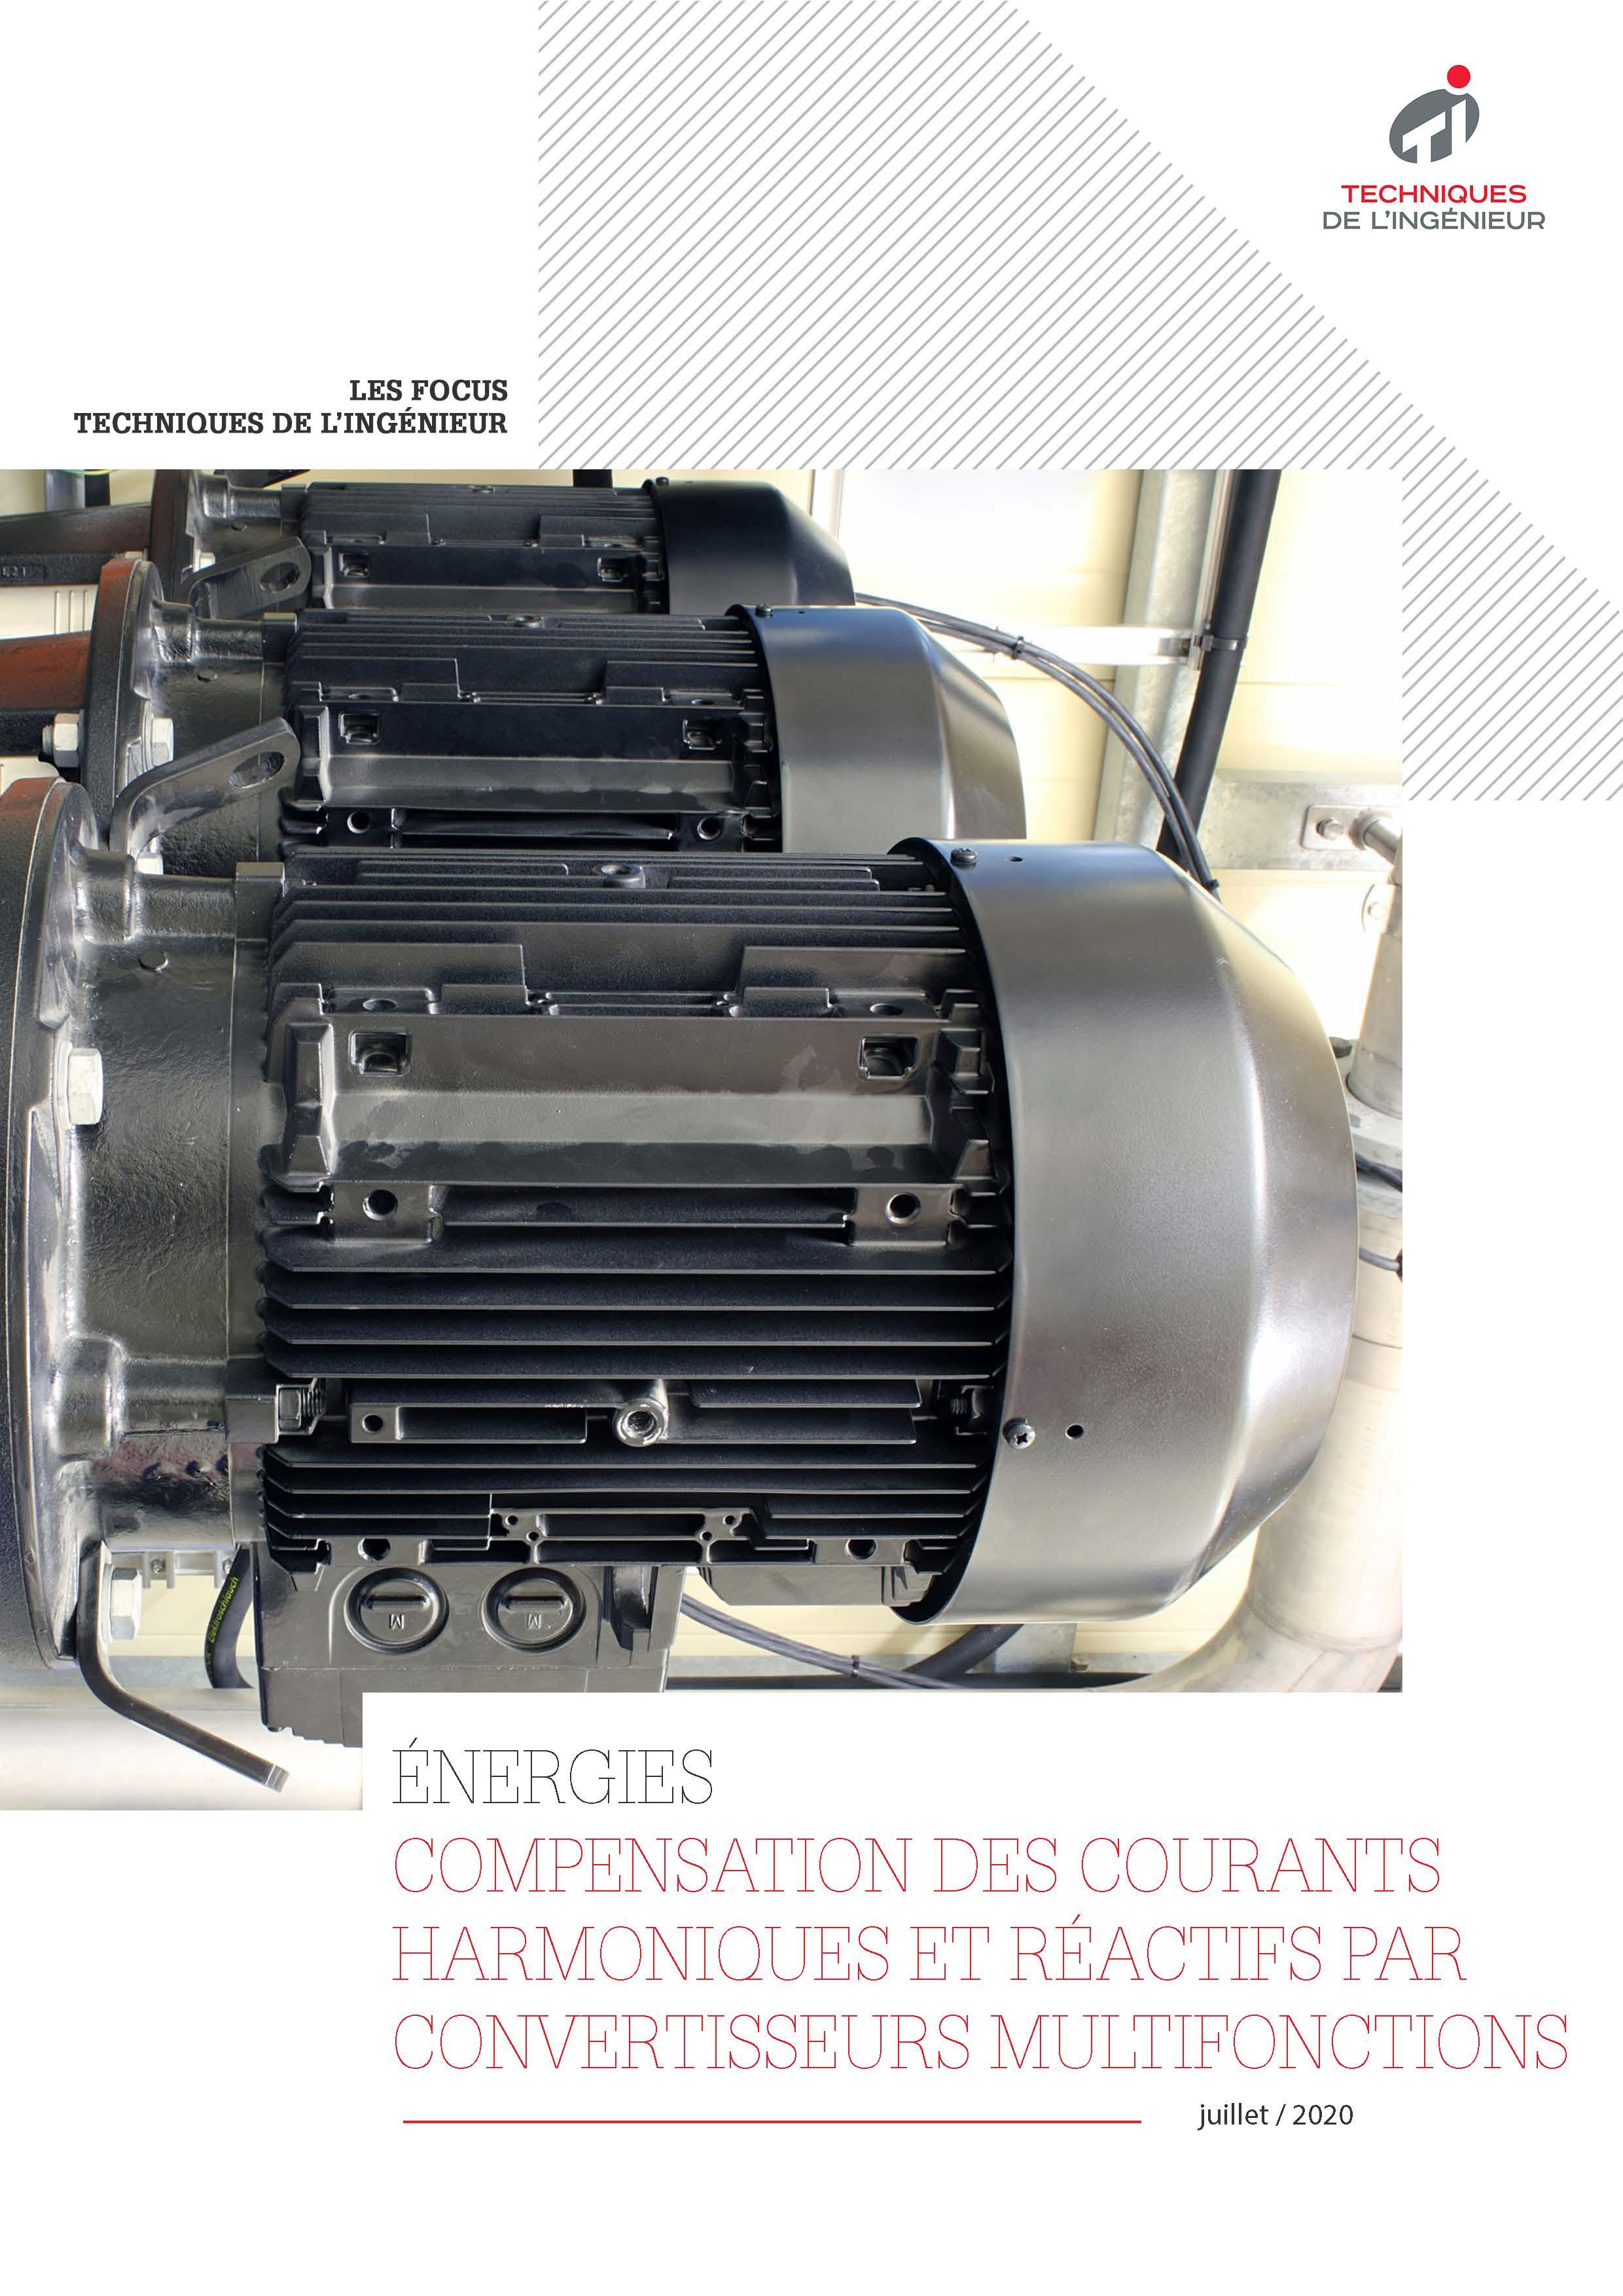 Compensation des courants harmoniques et réactifs par convertisseurs multifonctions